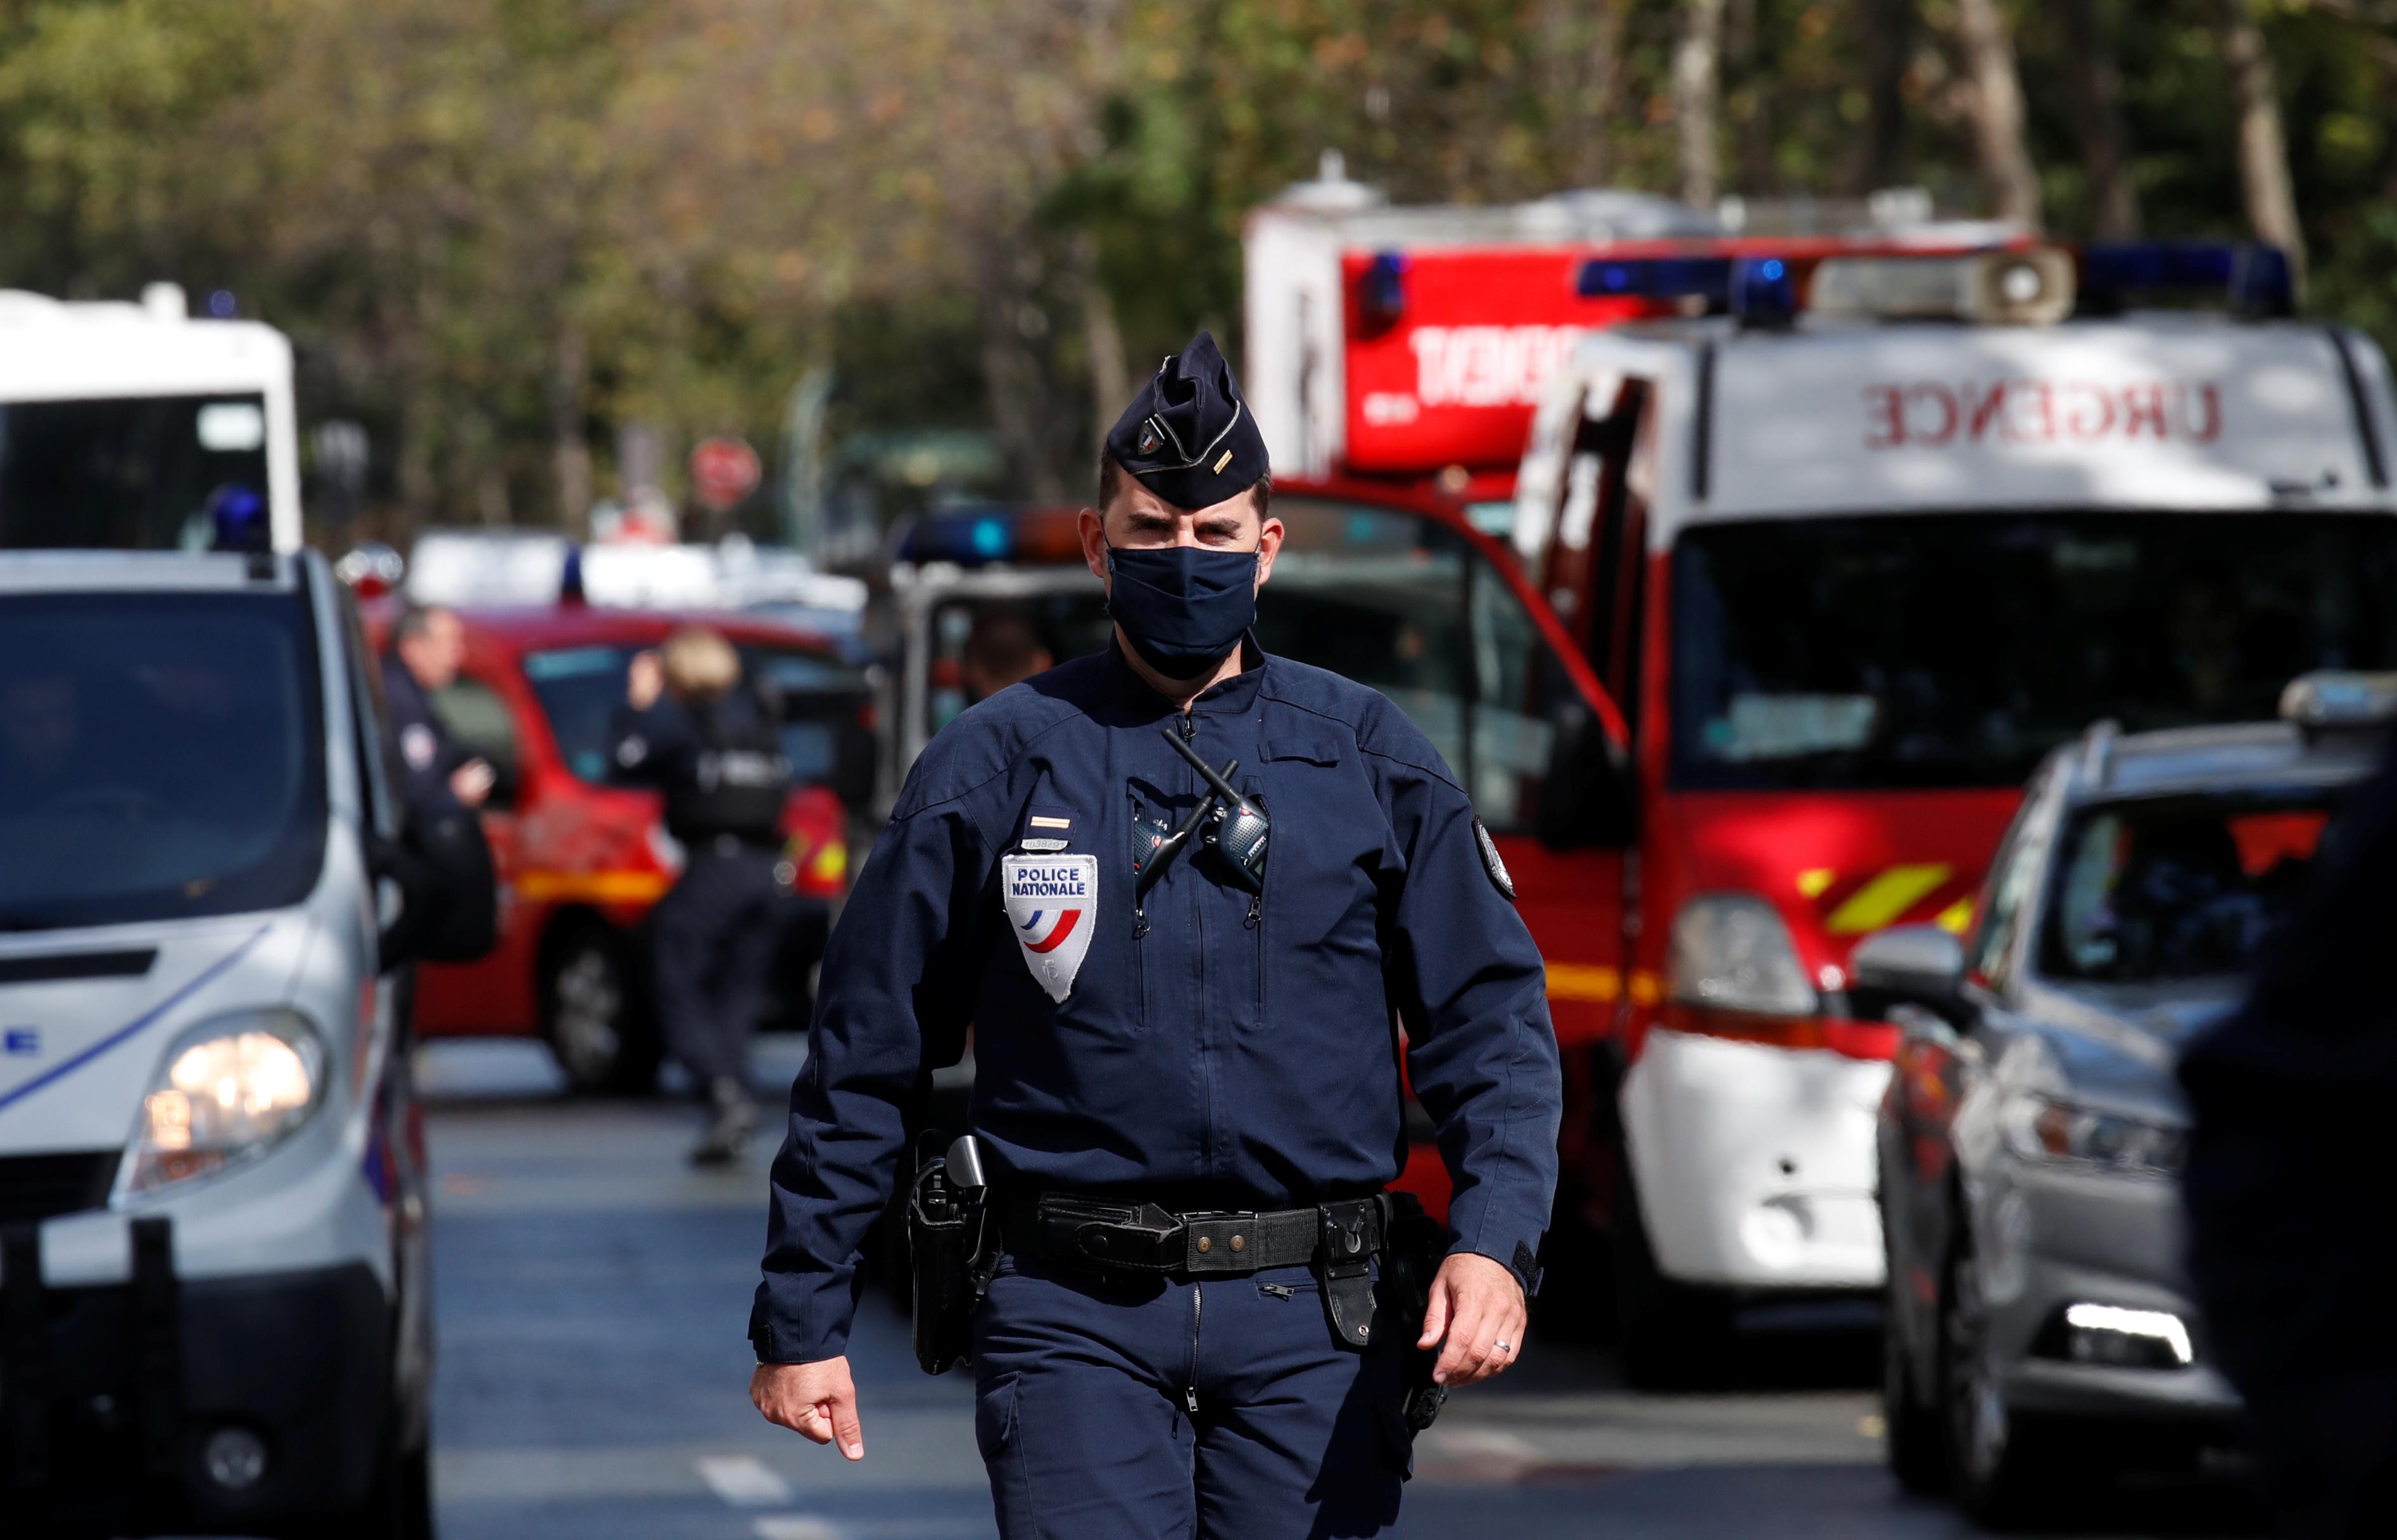 После теракта Франция депортирует более 200 иностранцев